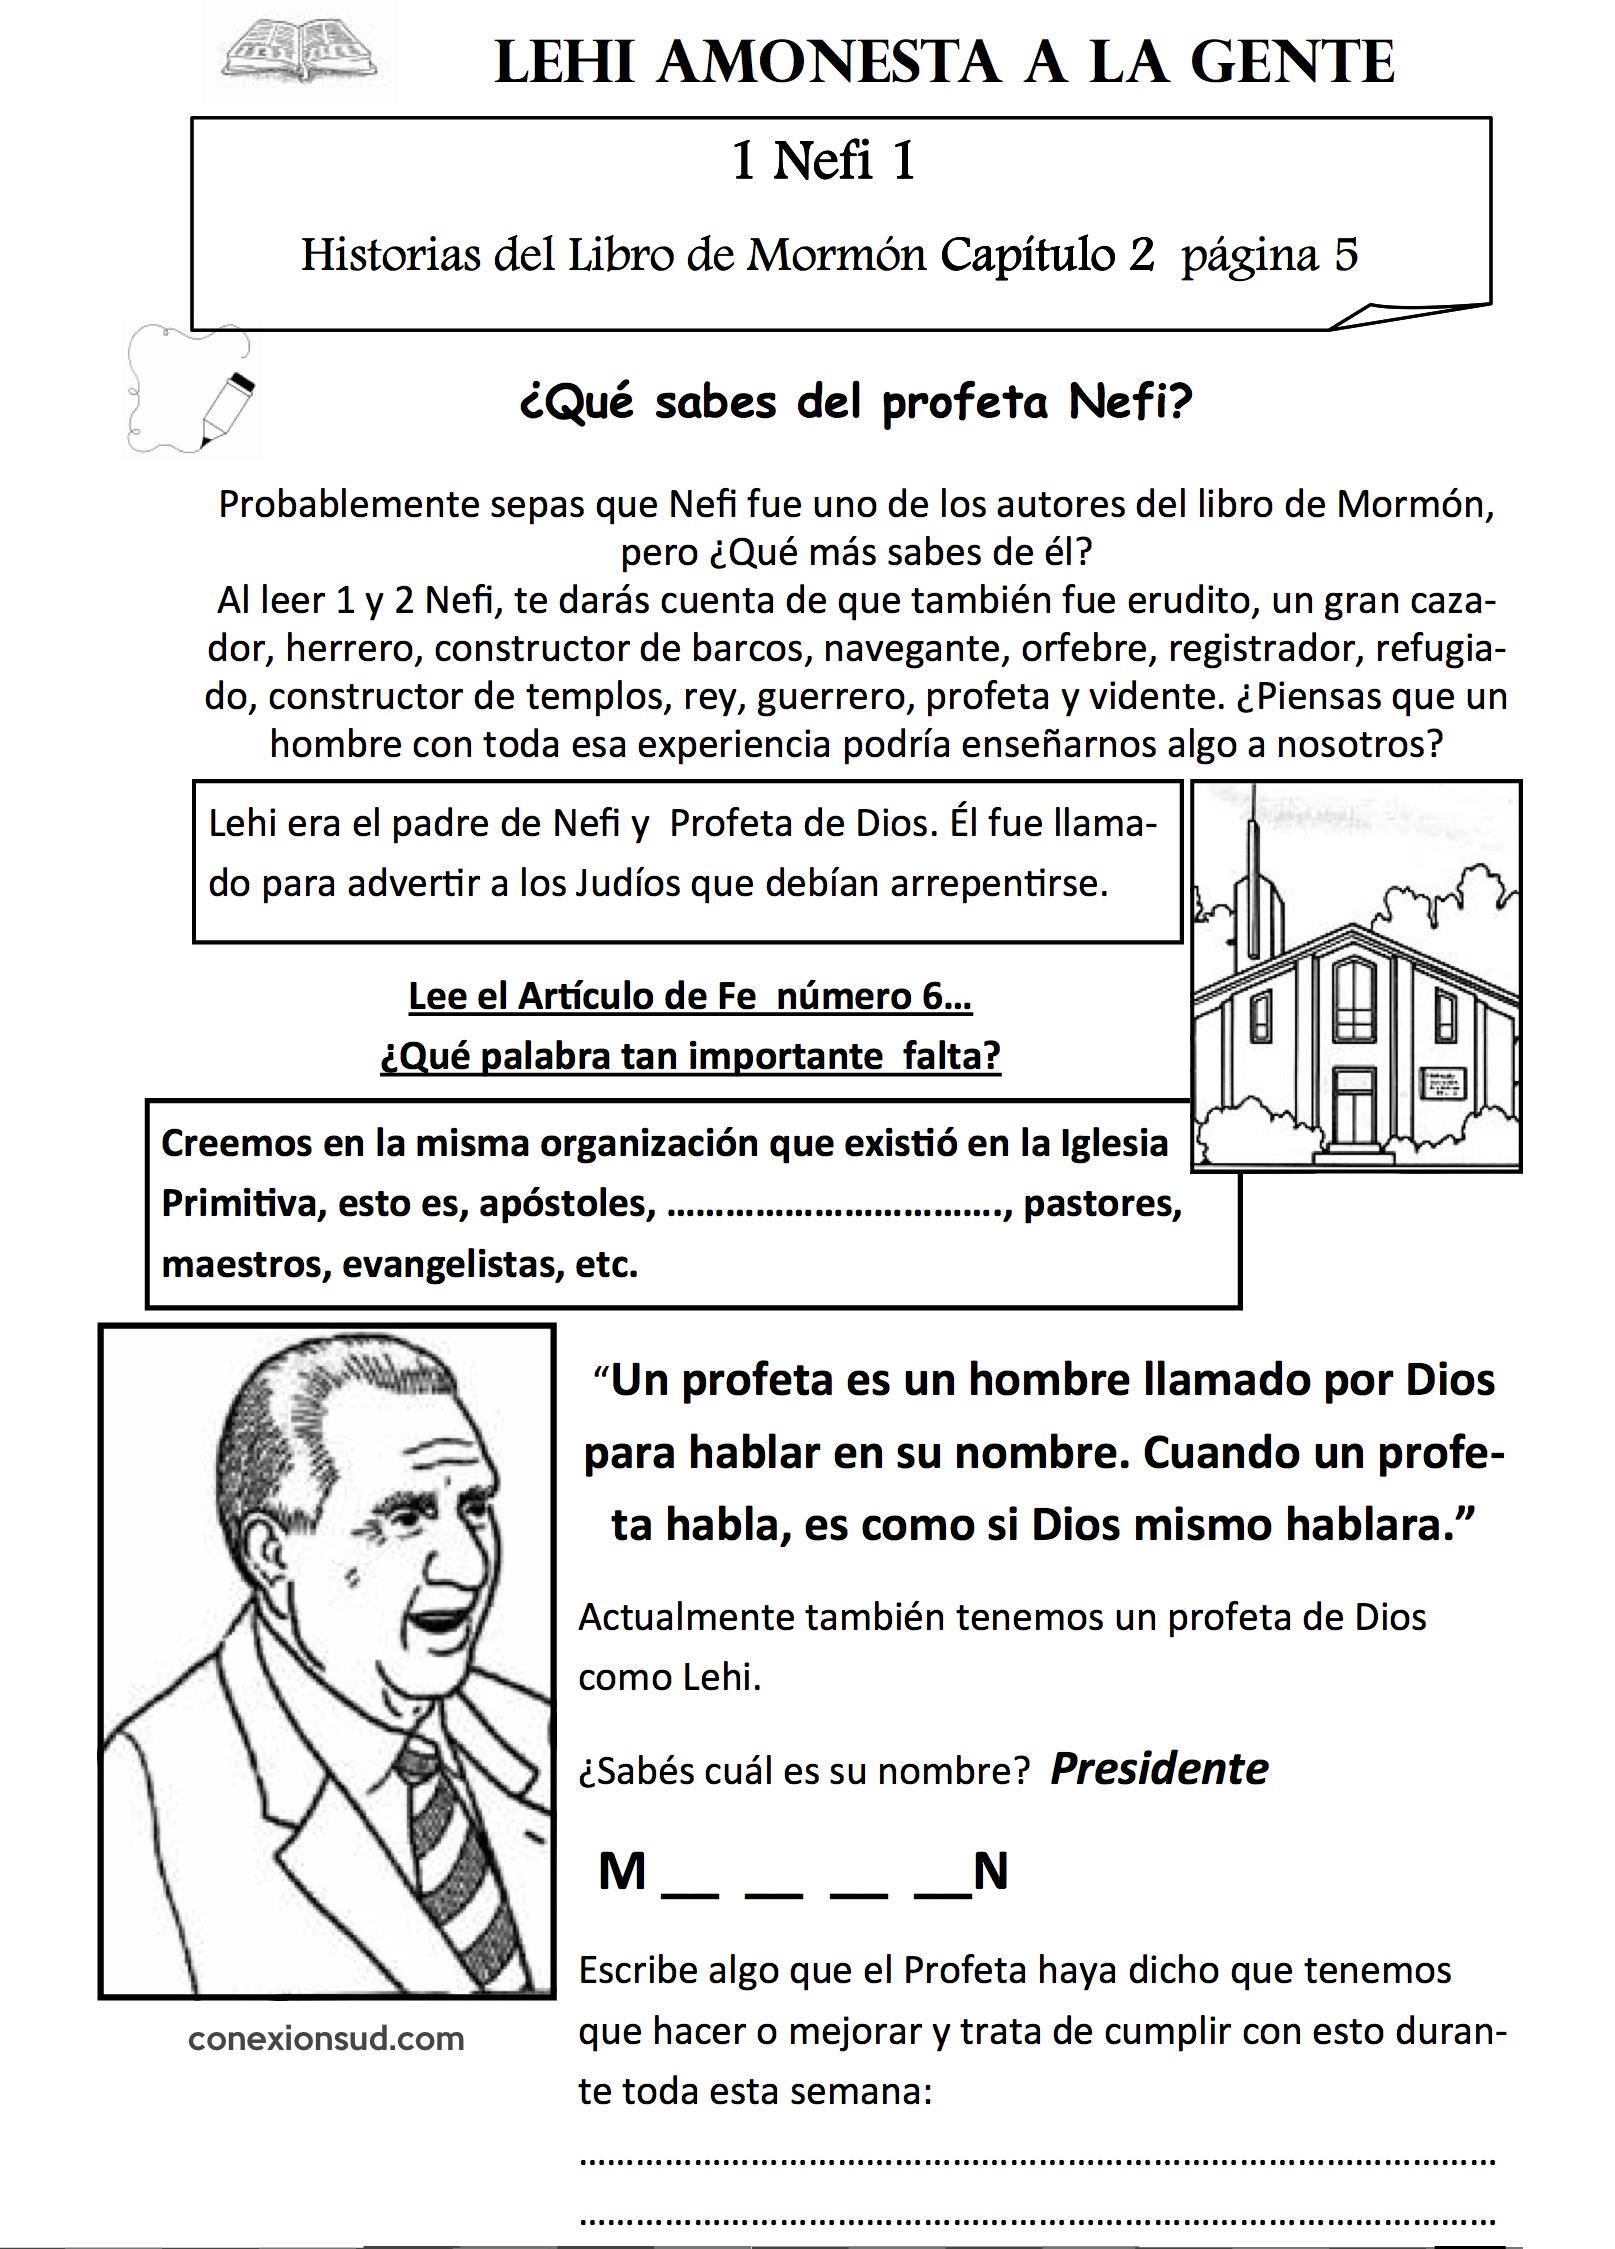 Los profetas son llamados por Dios | Pinterest | El profeta ...